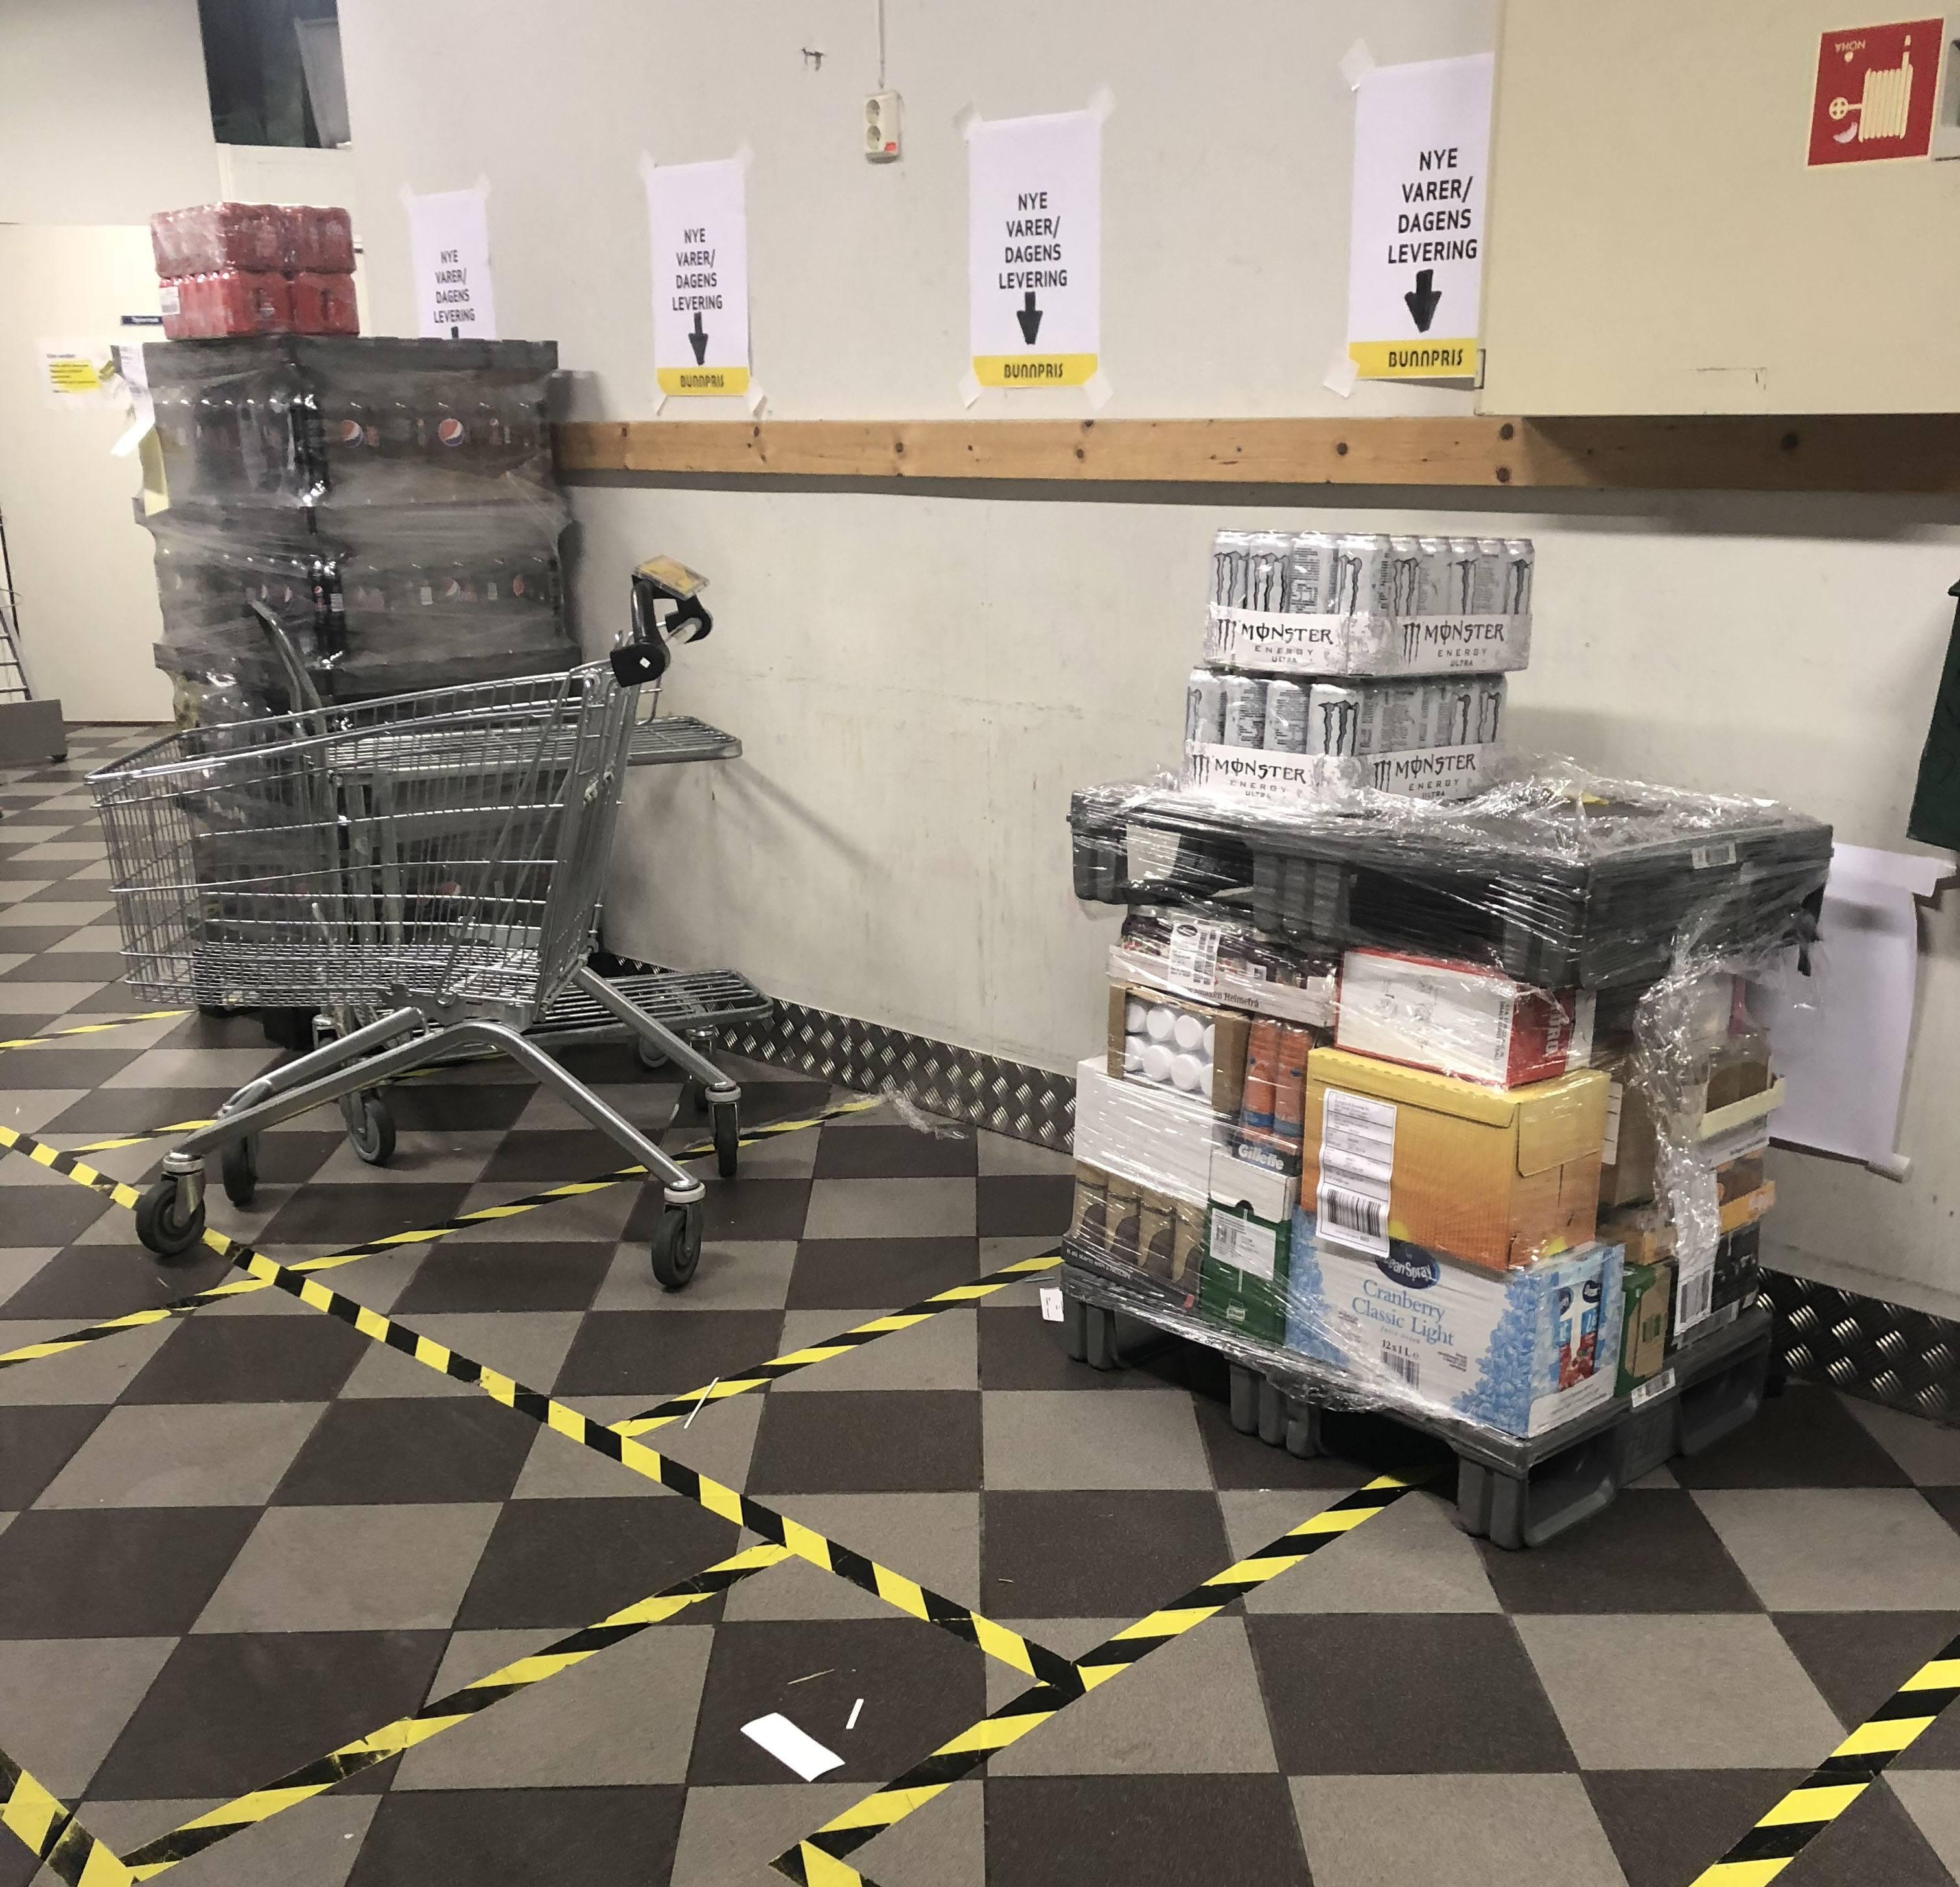 Gulvet i butikkens lager er merket opp med tape for å vise hvor ting hører hjemme